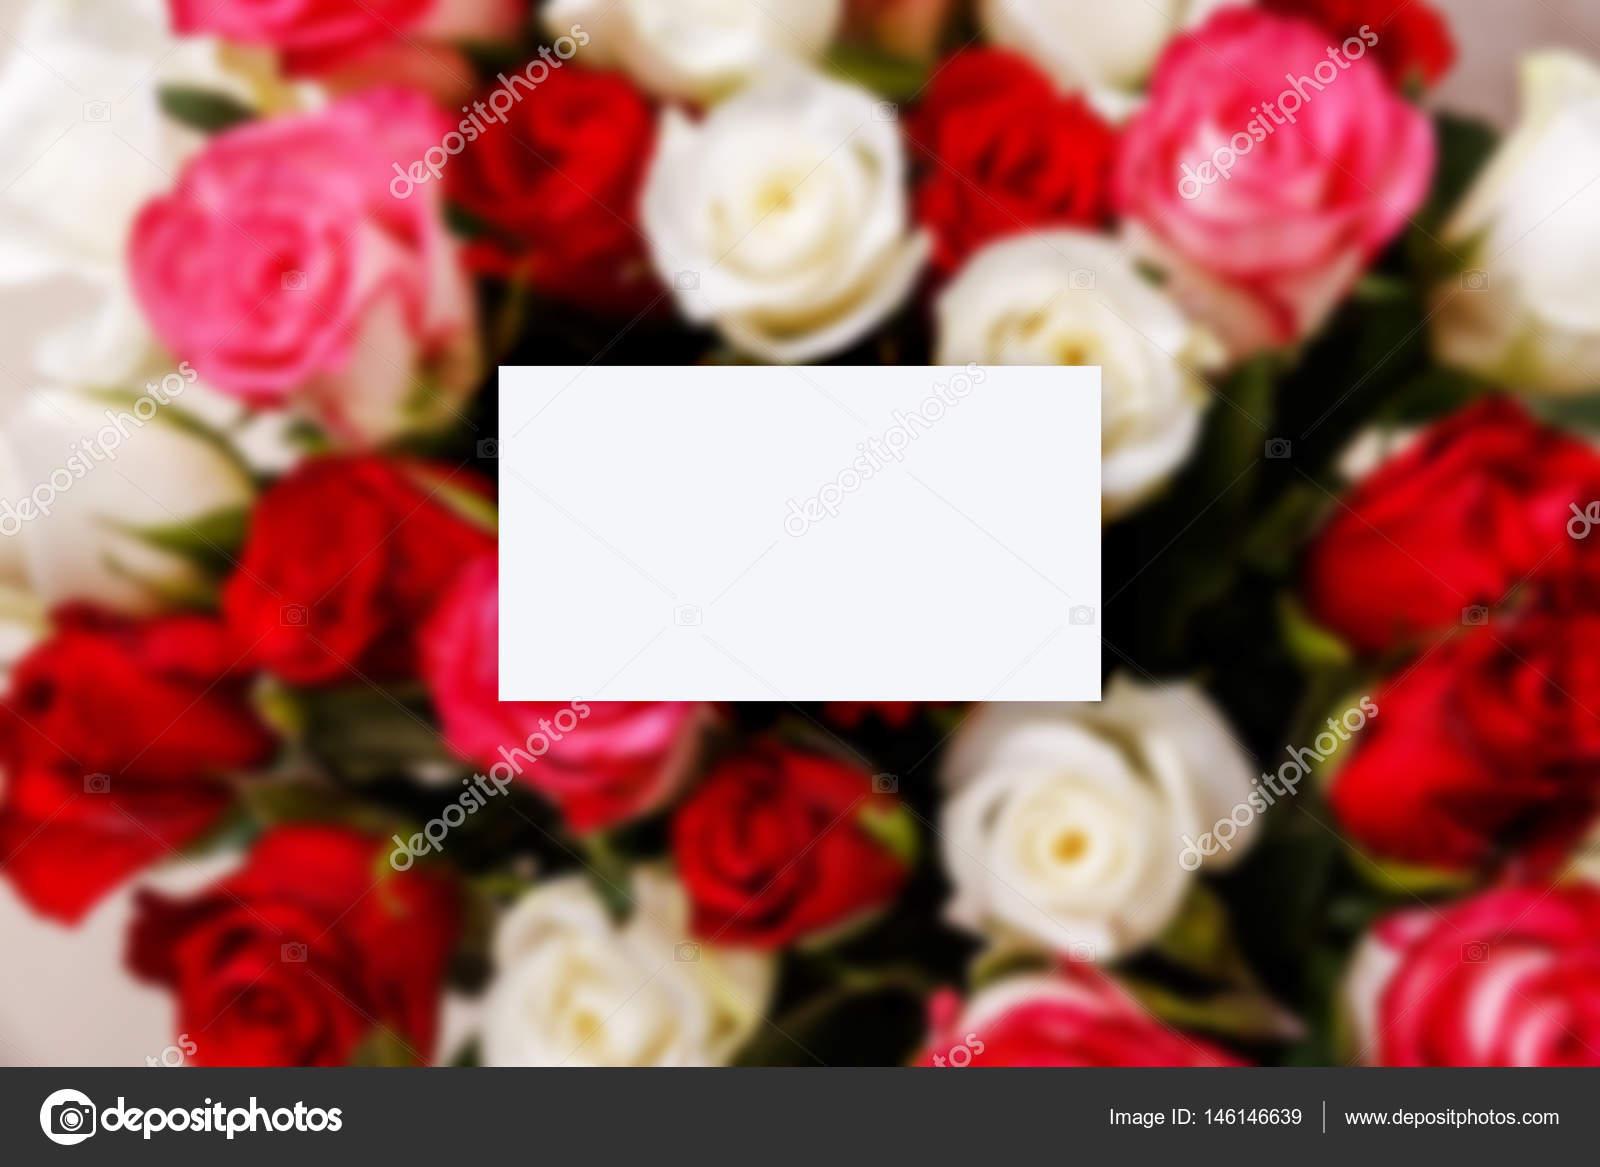 Maquette De Carte Visite Bouquet Fond Roses Mariage Fleurs Naturelles Saint Valentin Ou Un Cadeau Floral 8 Mars Image Tanyastock